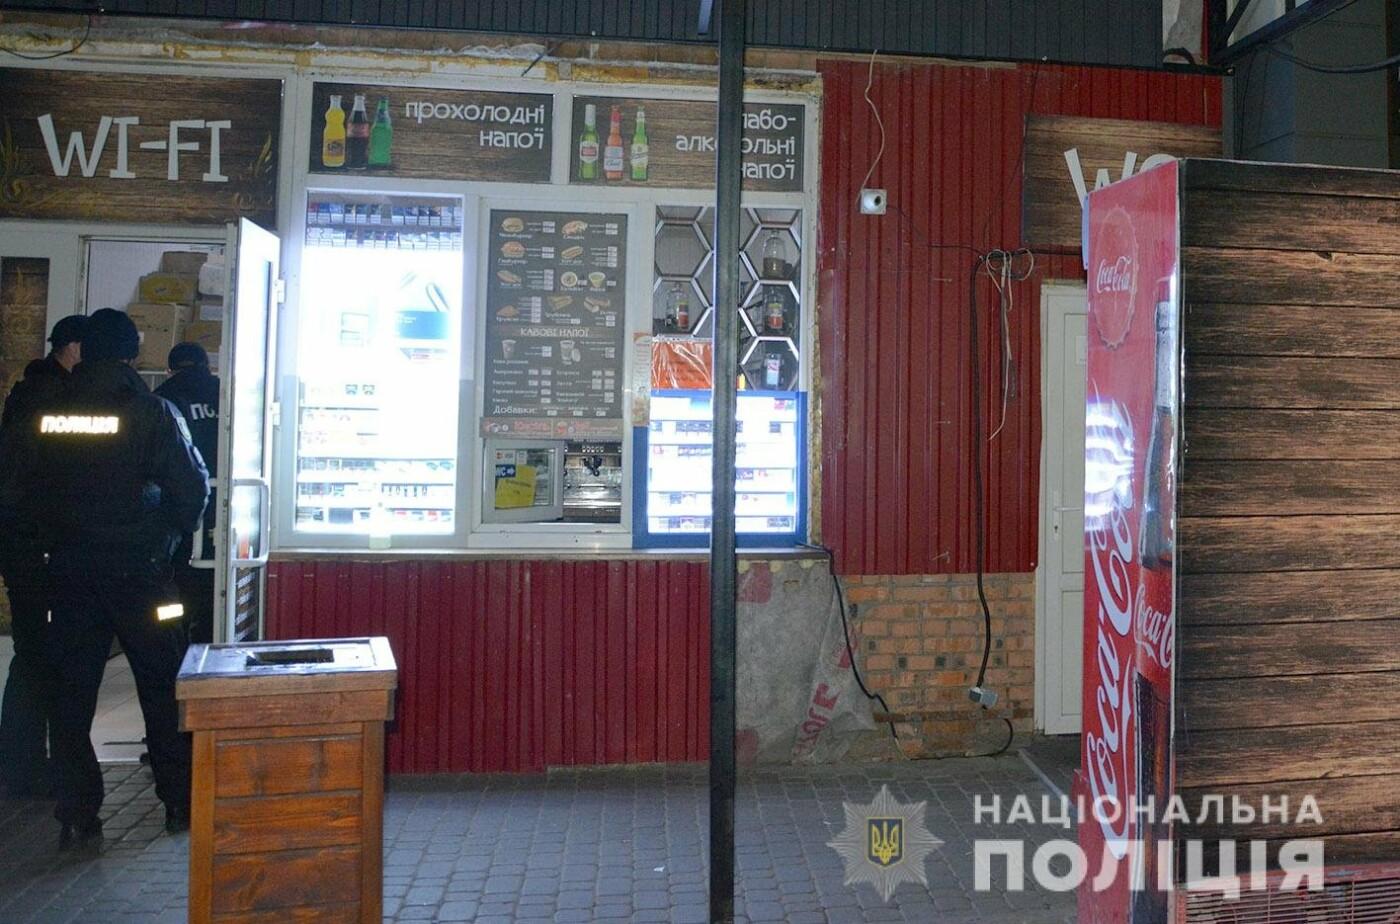 У Хмельницькому громадяни допомогли затримати зловмисника, який пограбував кафе на 40 тисяч гривень , фото-1